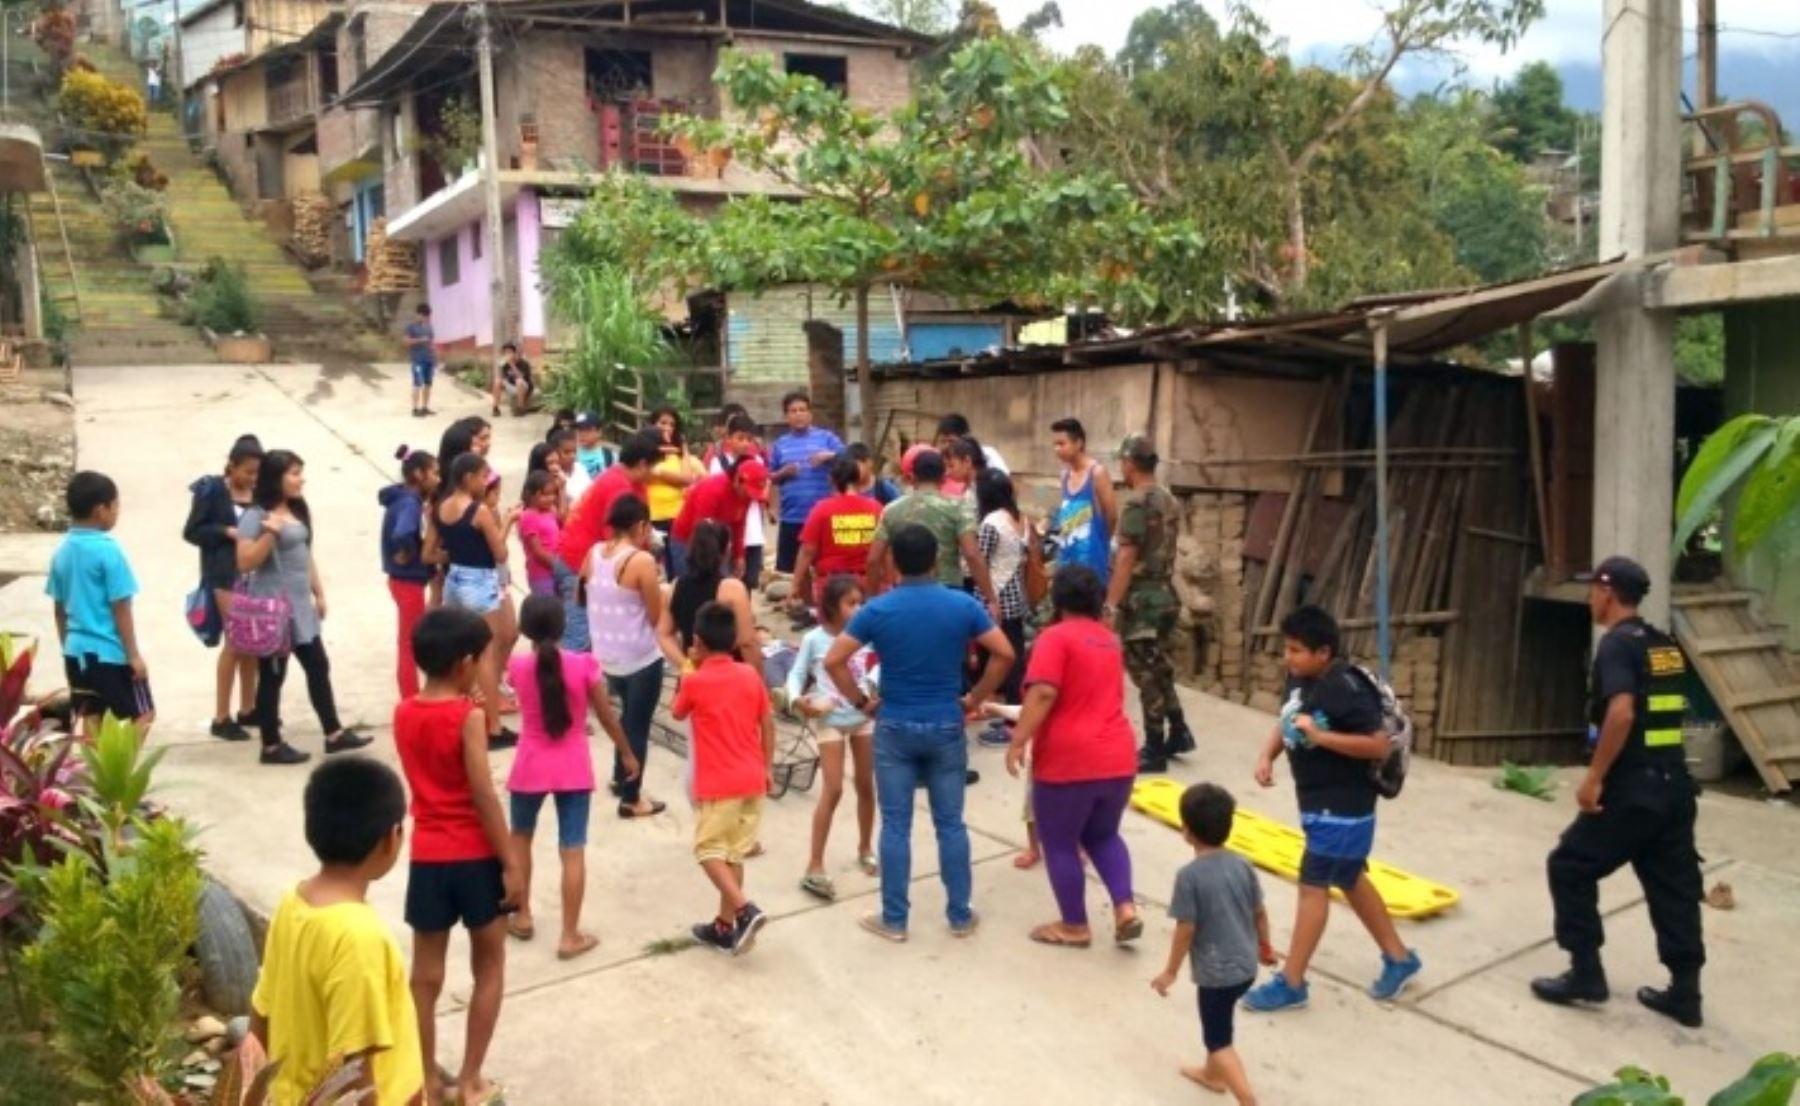 Simulacro de inundación se realizó en los barrios de Palmeras y Cesar Vallejo. Participó personal de la Compañía de Bomberos, Ejército del Perú, Serenazgo, Salud y otros sectores.